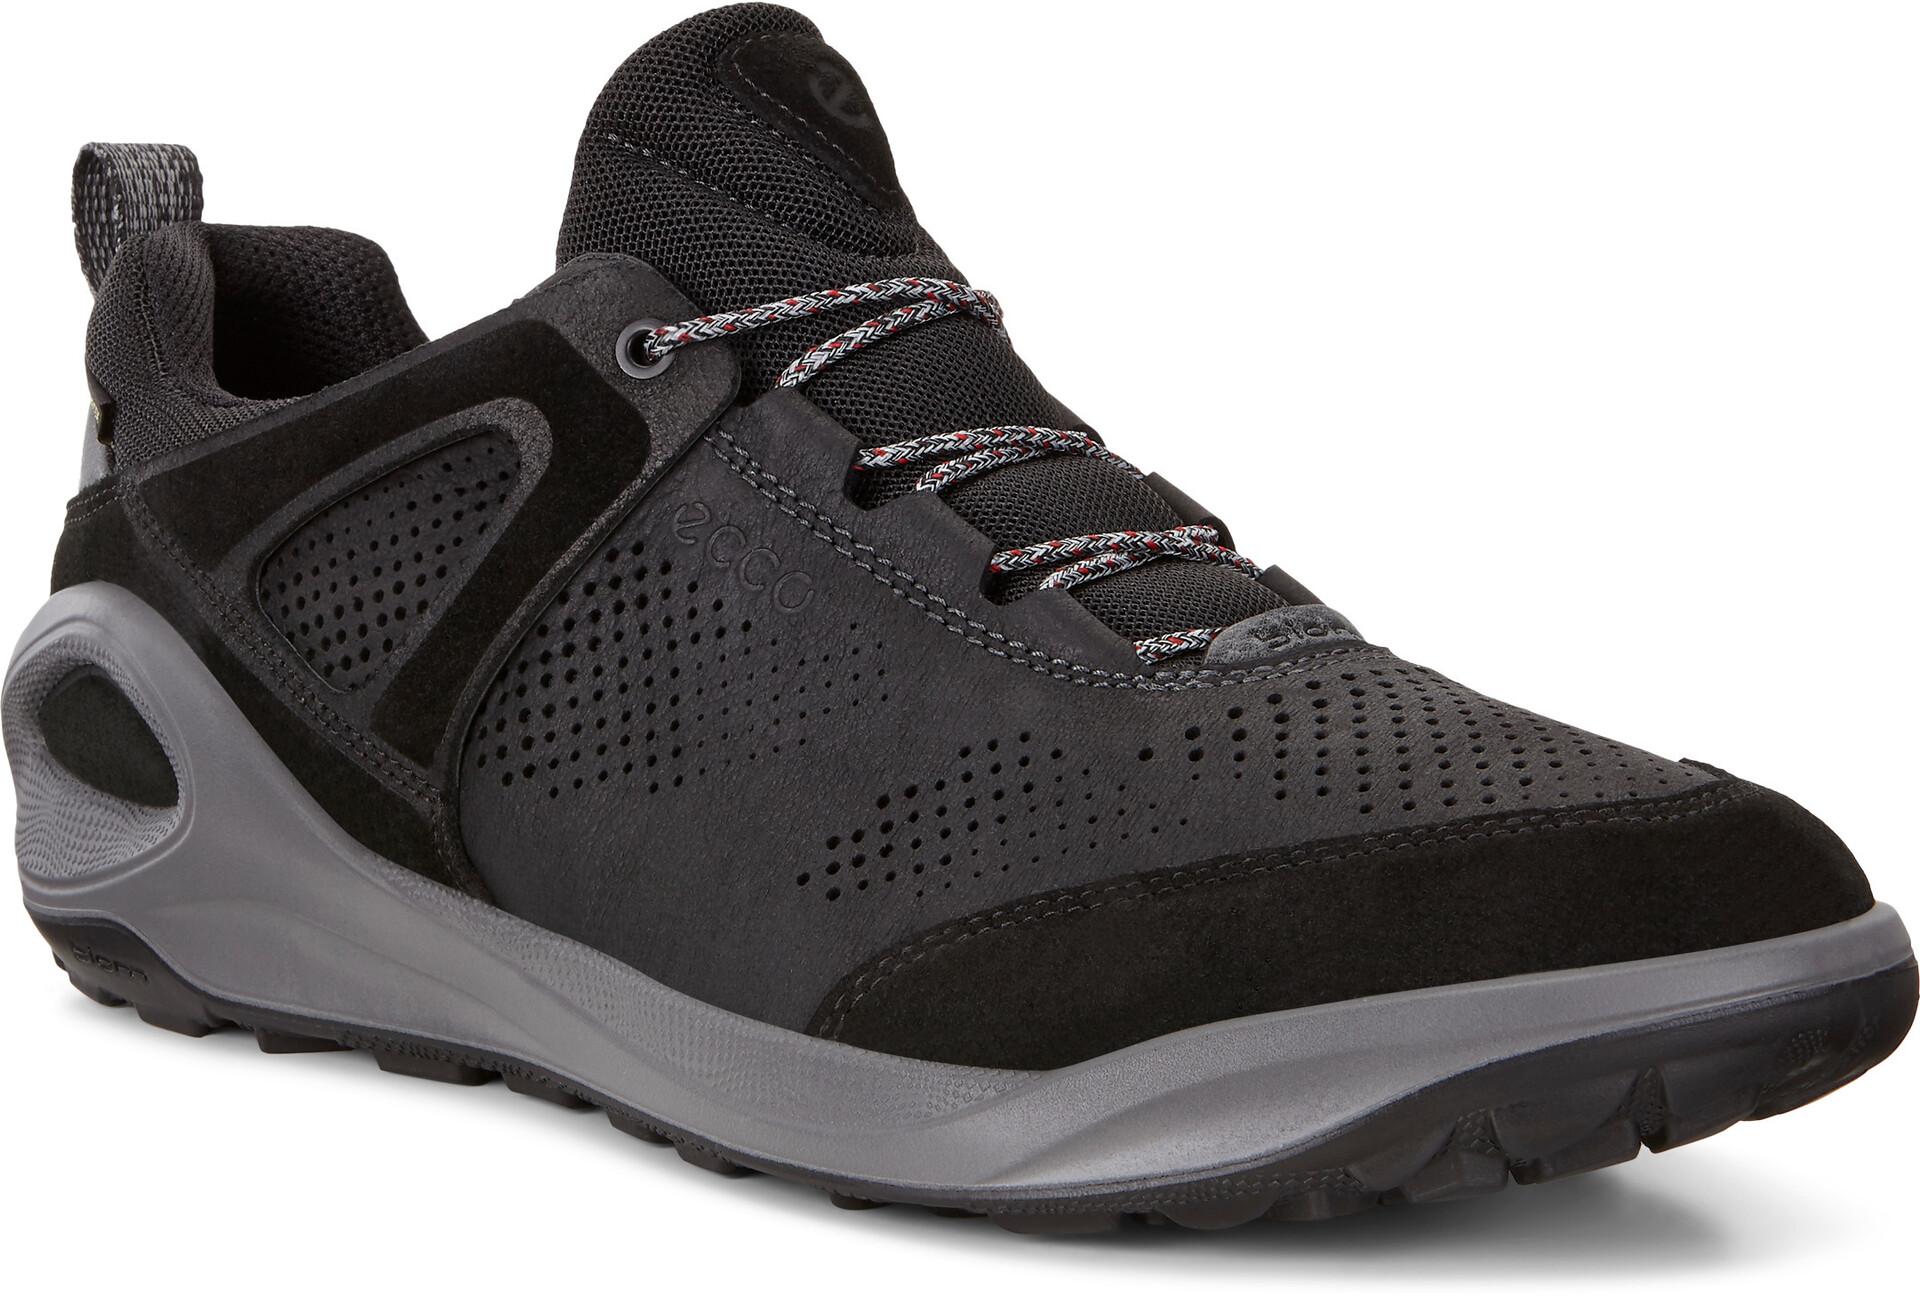 Grau Von Performance In Schuhe Adidas Für Herren f76gyYb